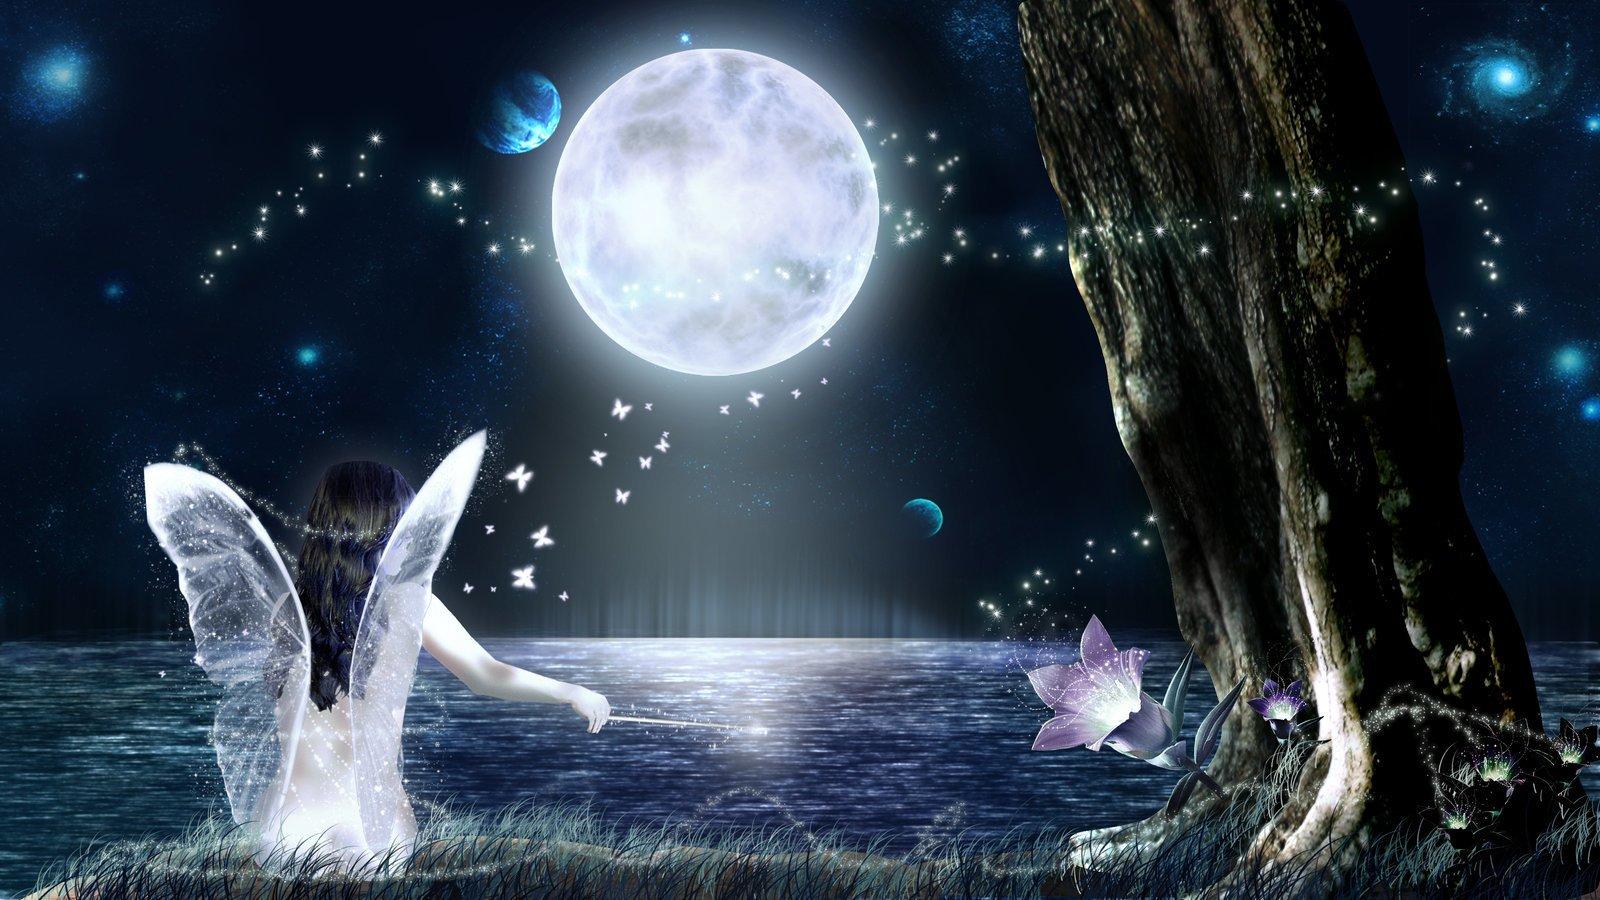 Анимационные открытки спокойной ночи сладких снов на фоне звездного неба, для